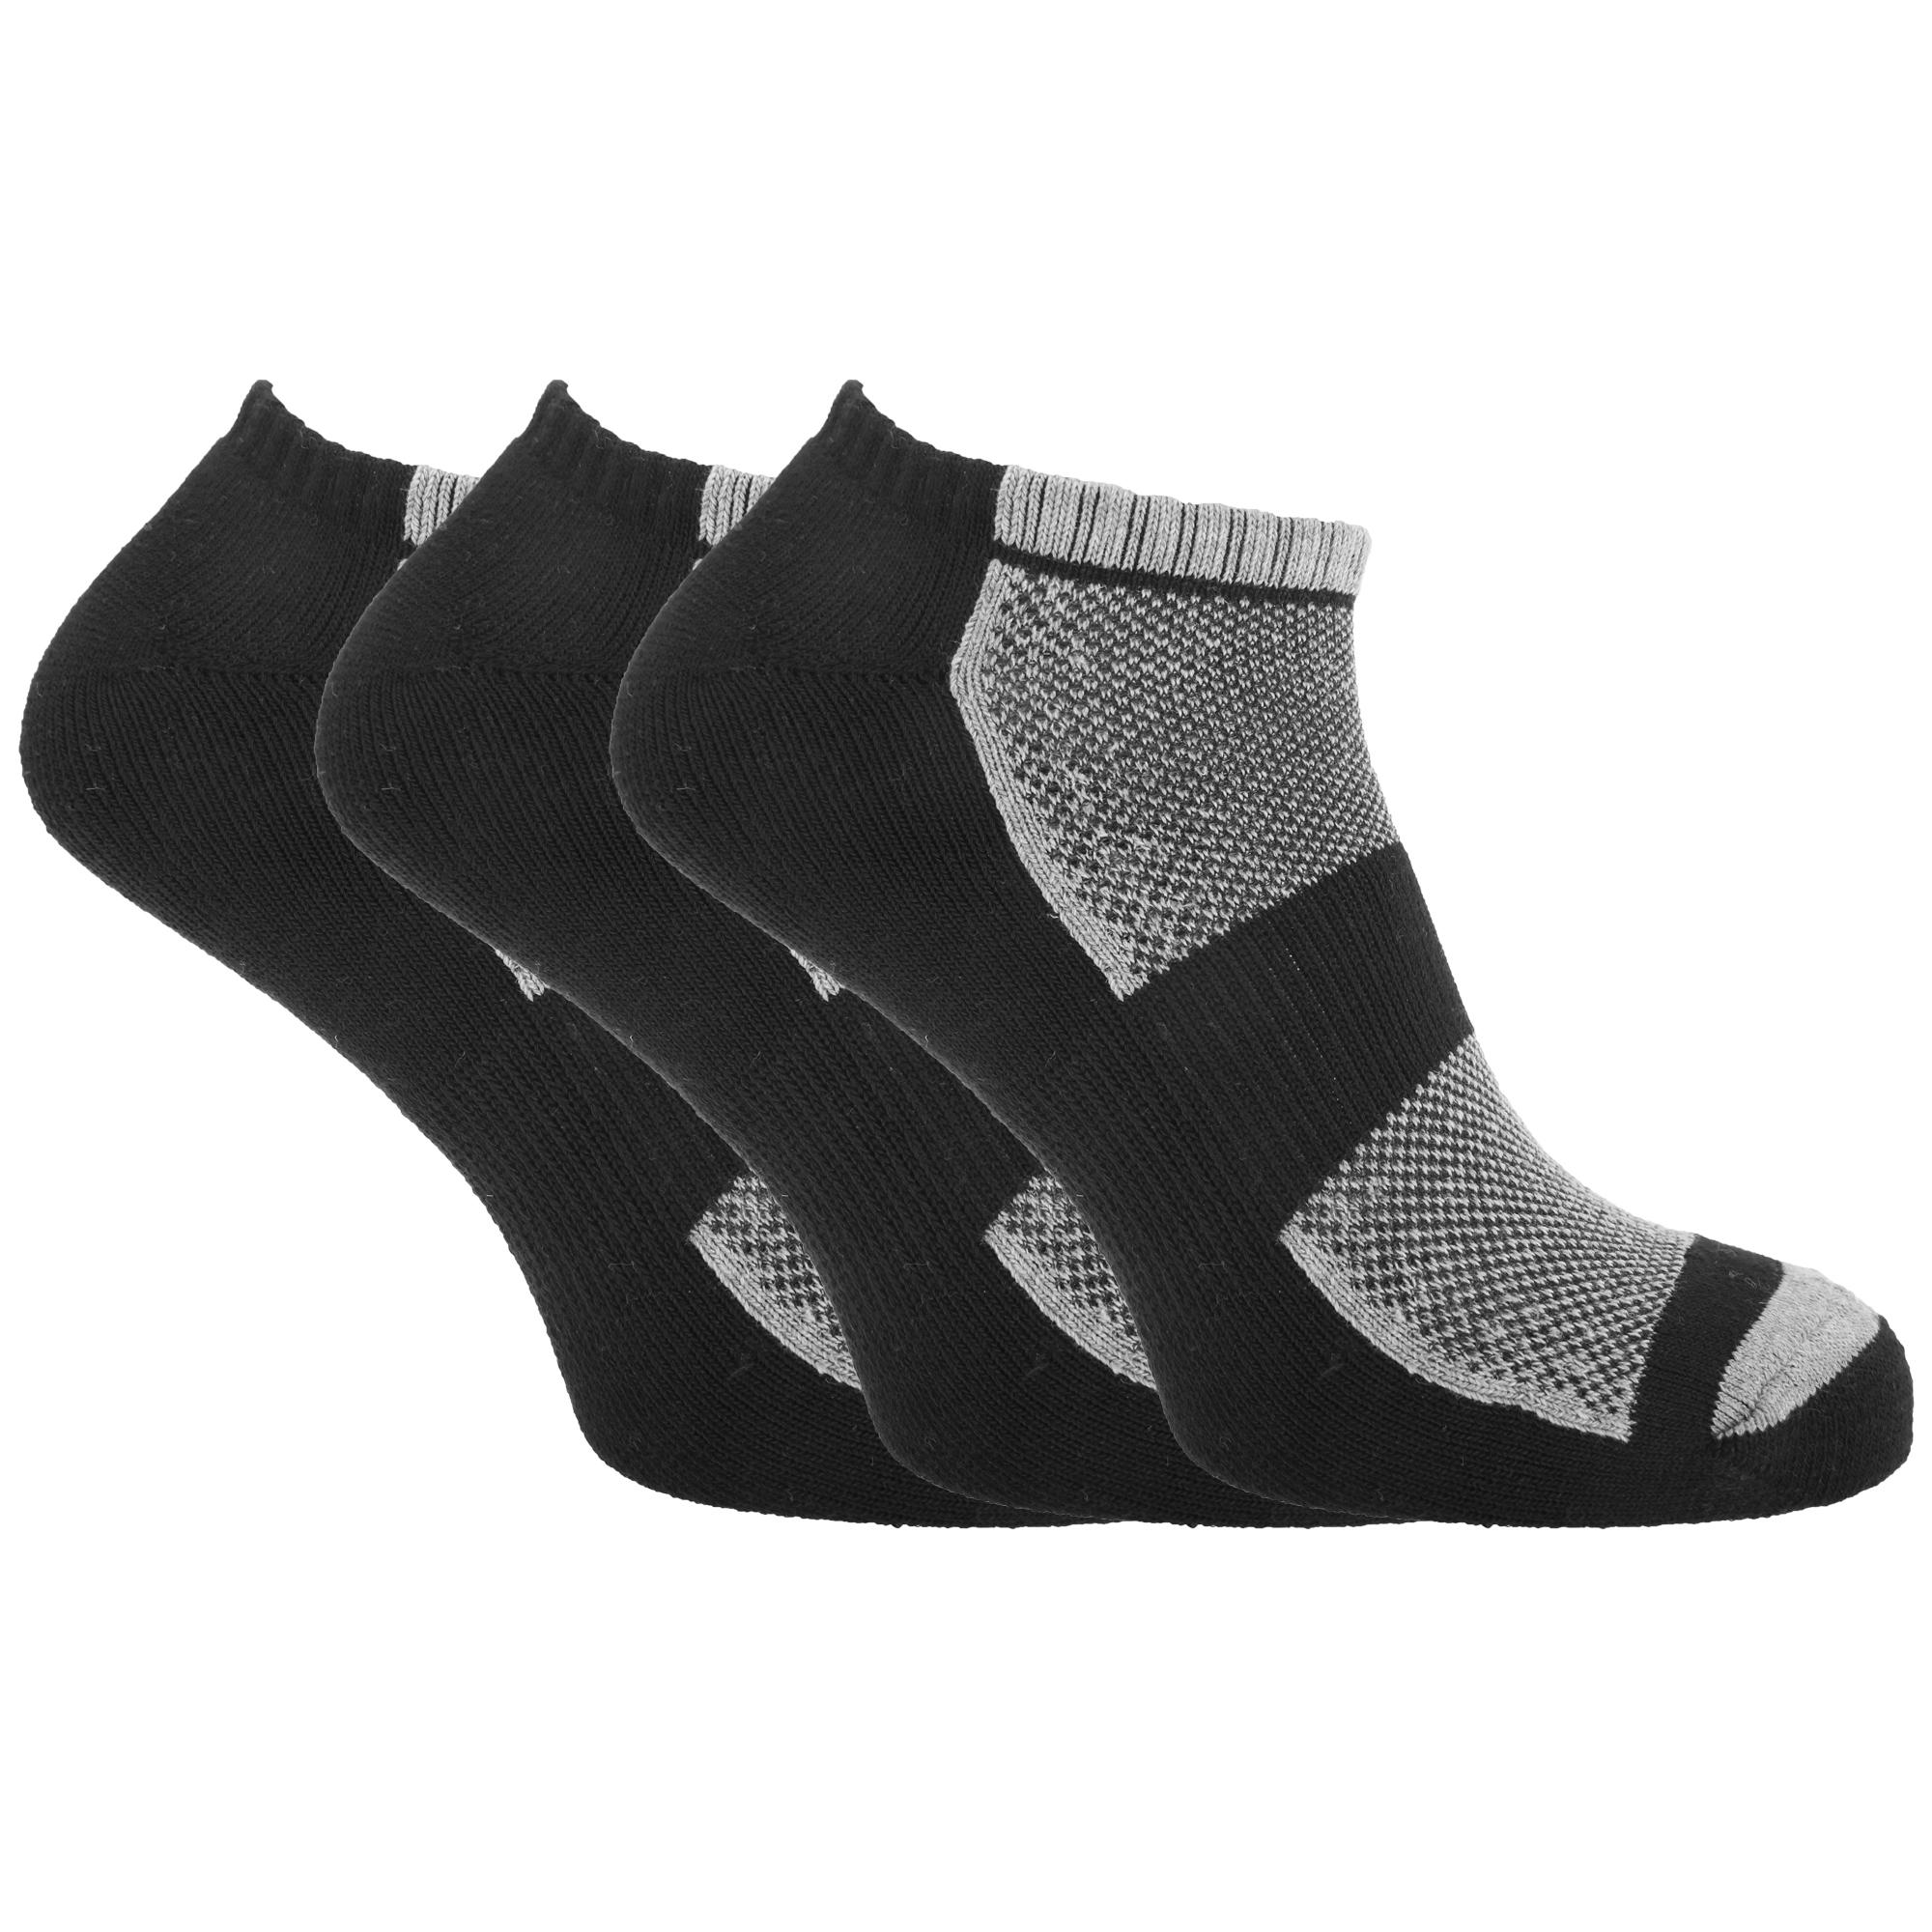 Calcetines de Algodón para Hombre Rico entrenador deportivo con malla y burla (3 Pack)